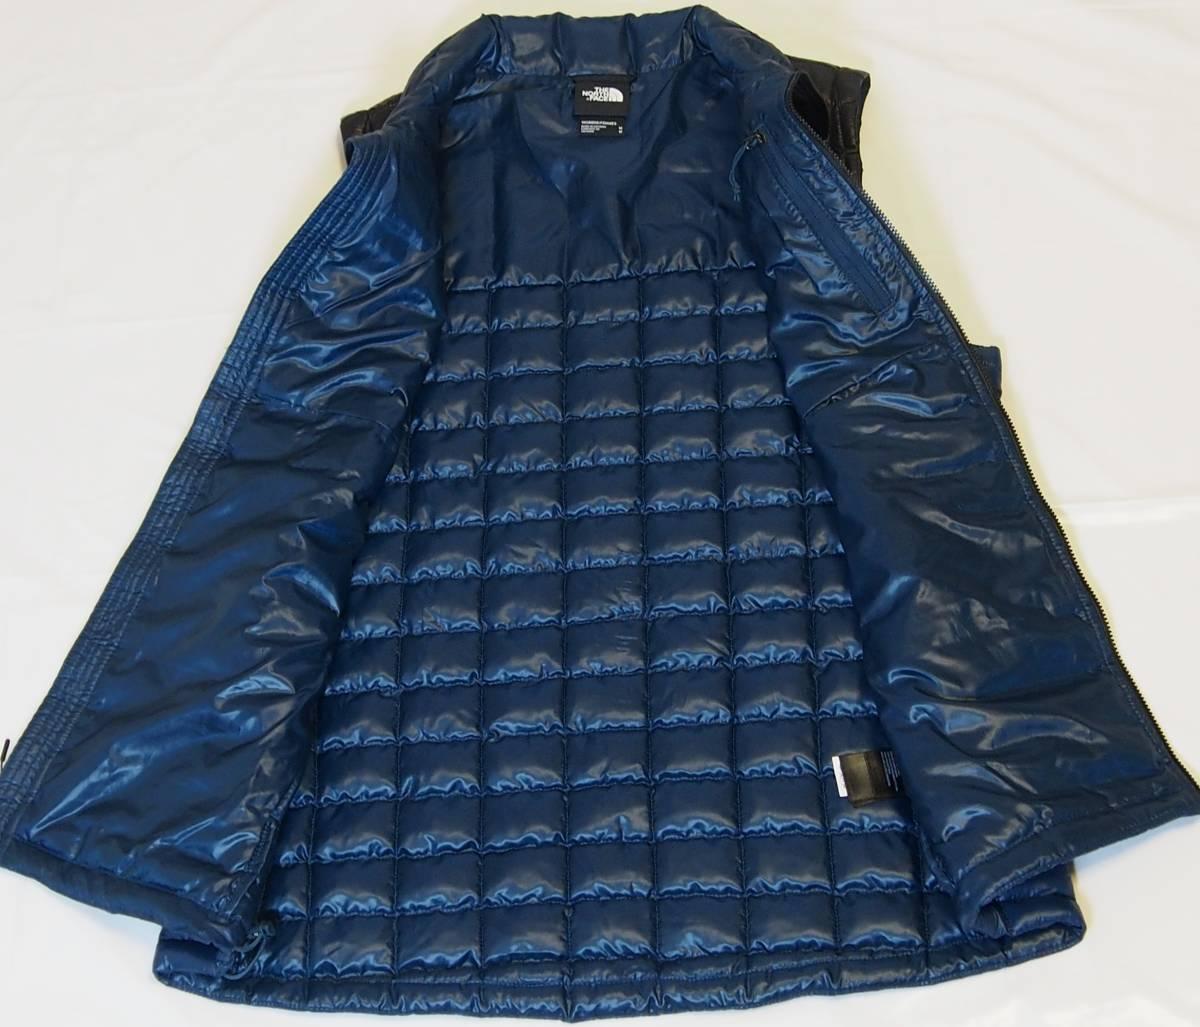 【USA購入、未使用タグ付】ノースフェイス レディース(メンズ可) 中綿ベスト M ブルー×ブラック The North Face Thermoball Eco Vest_画像5